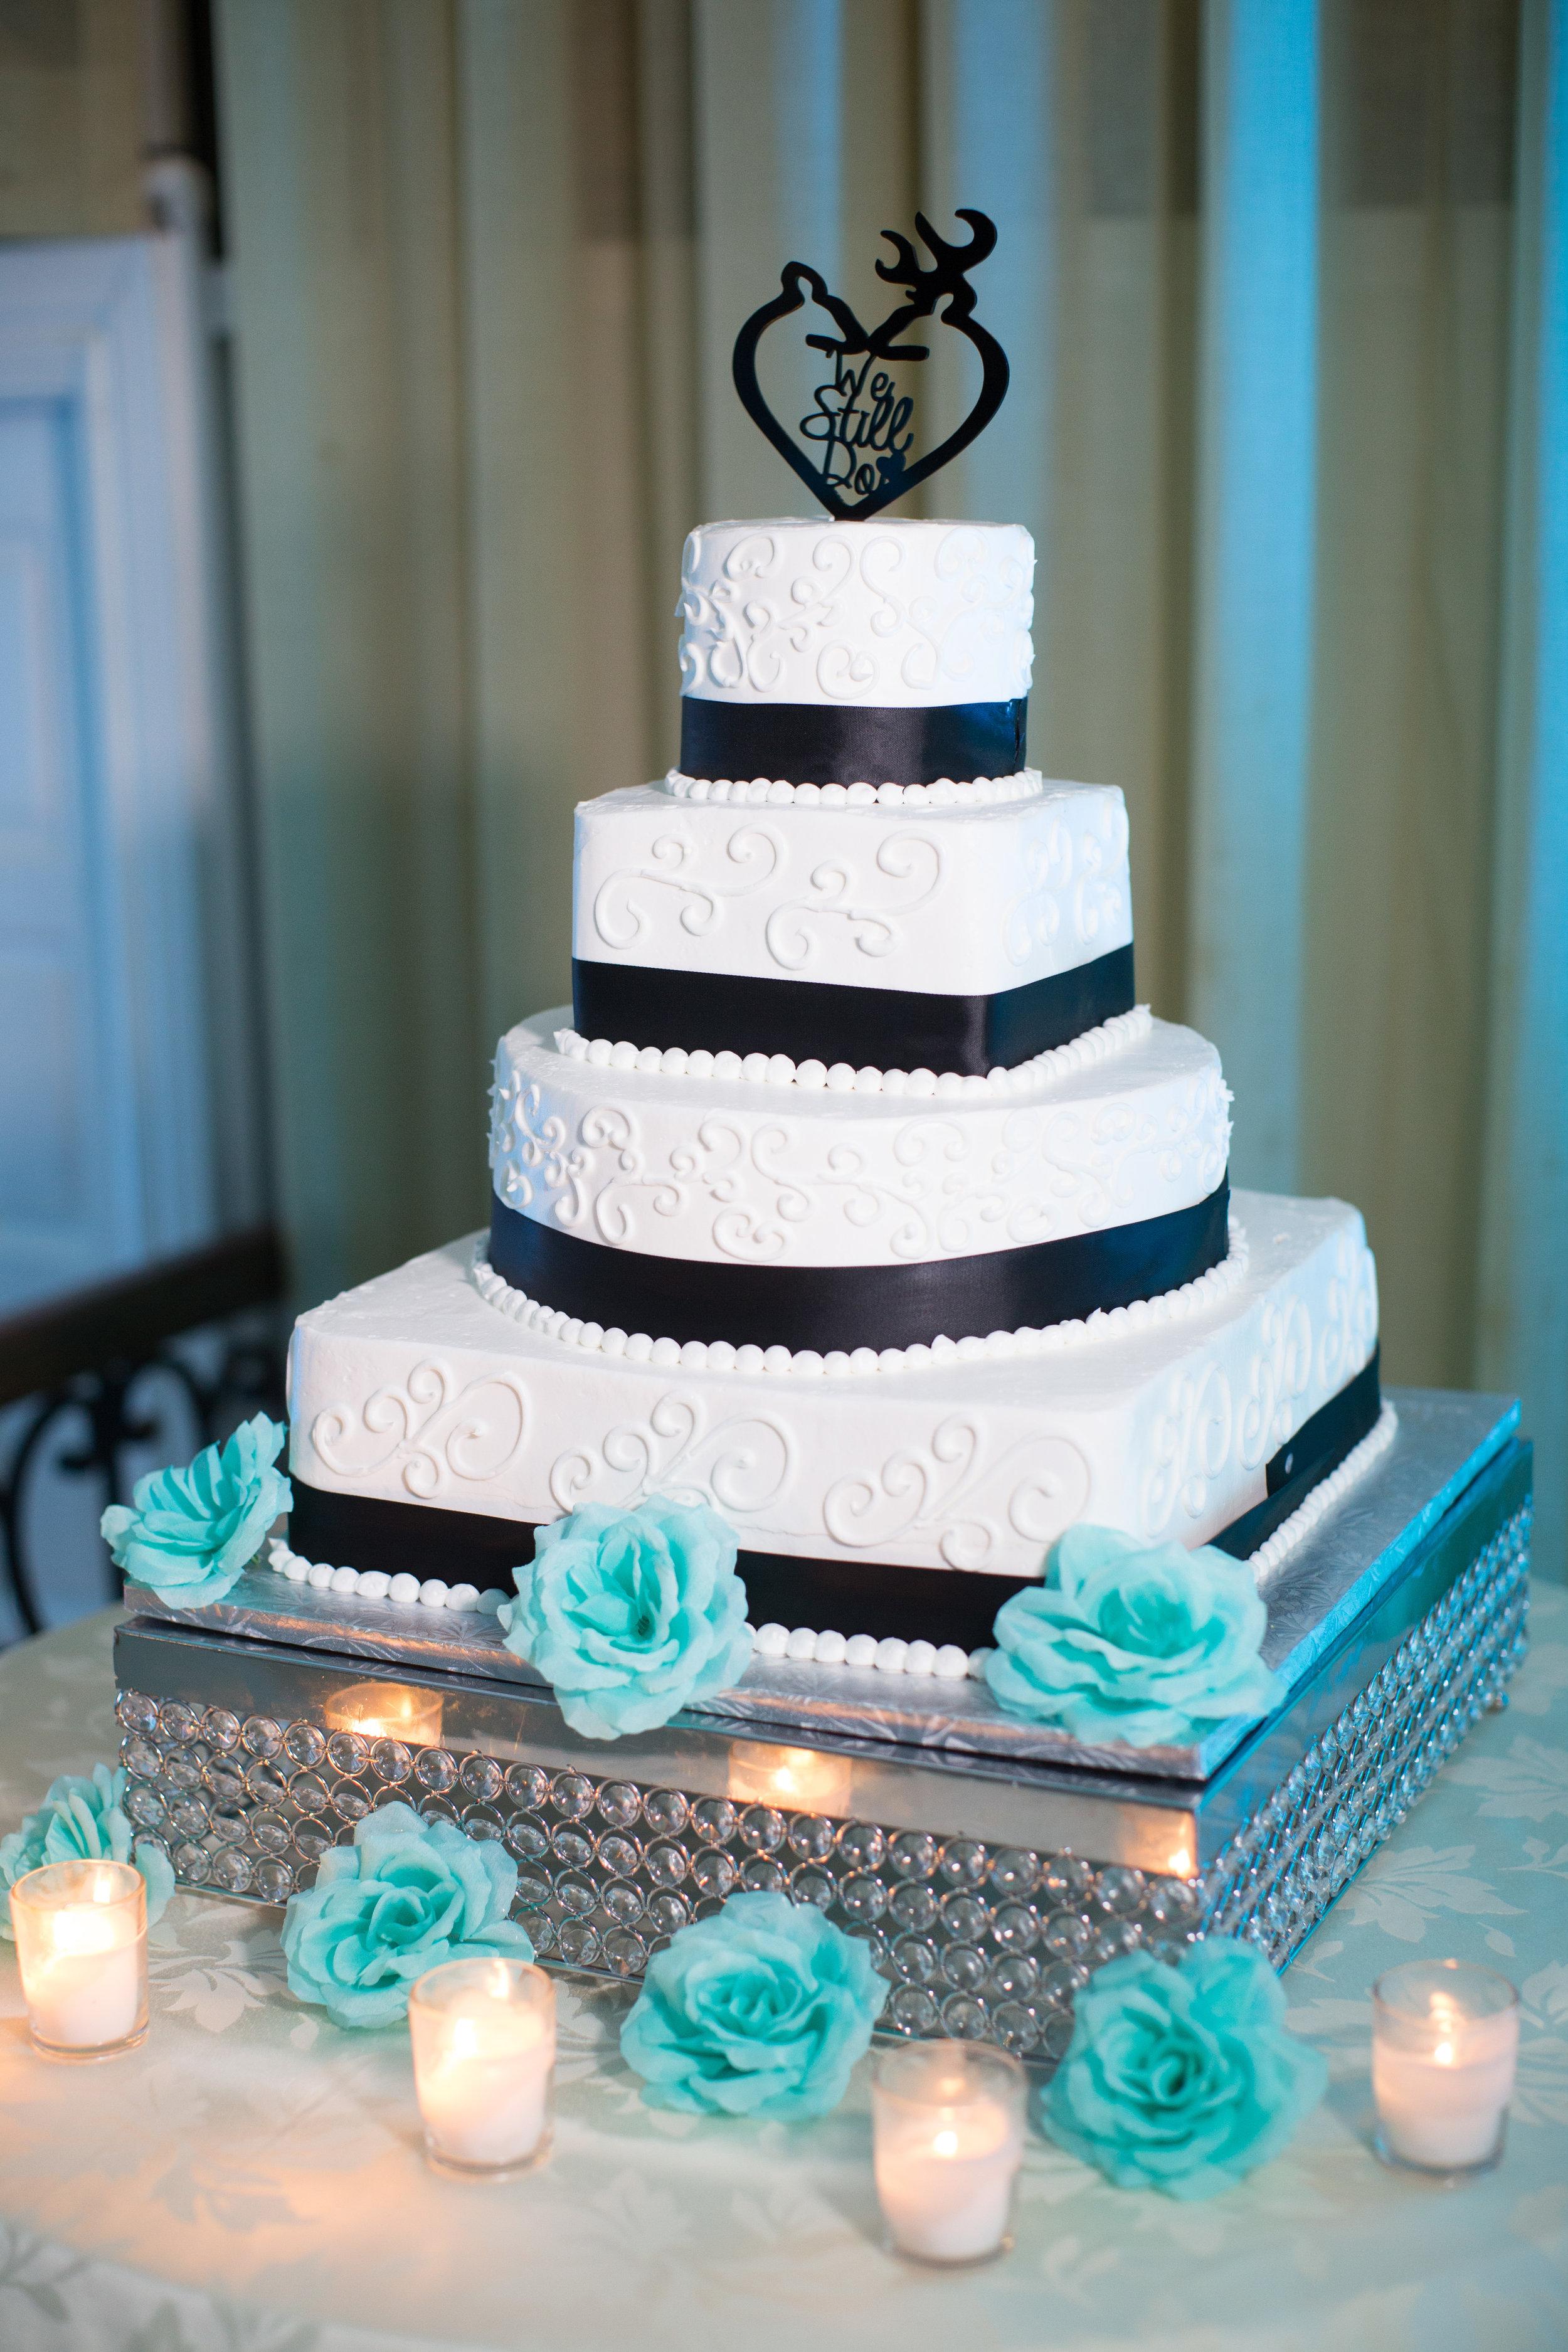 The Cake Topper .jpg